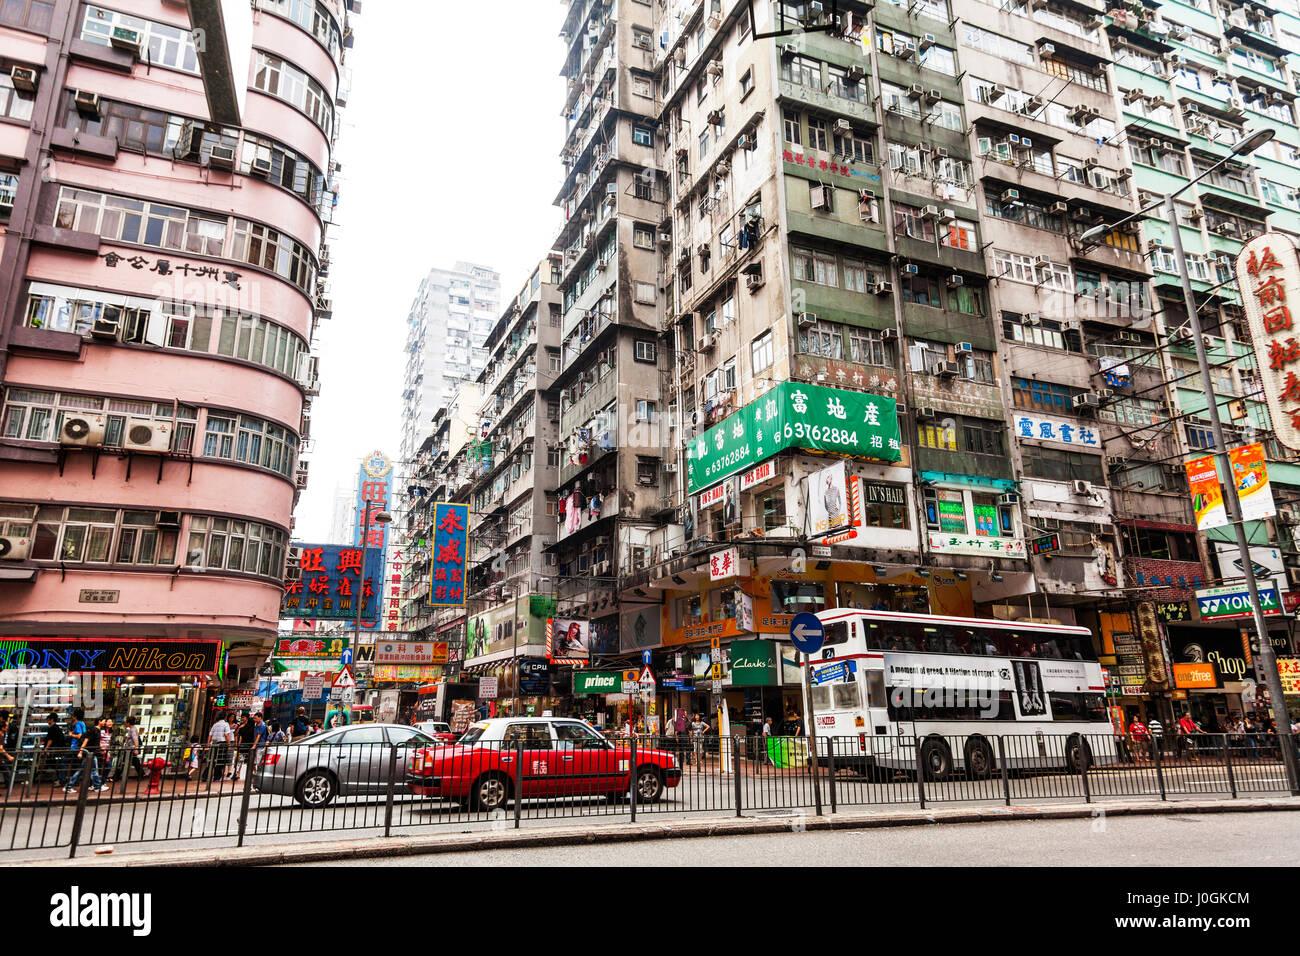 hong kong nathan road stock photos hong kong nathan road. Black Bedroom Furniture Sets. Home Design Ideas